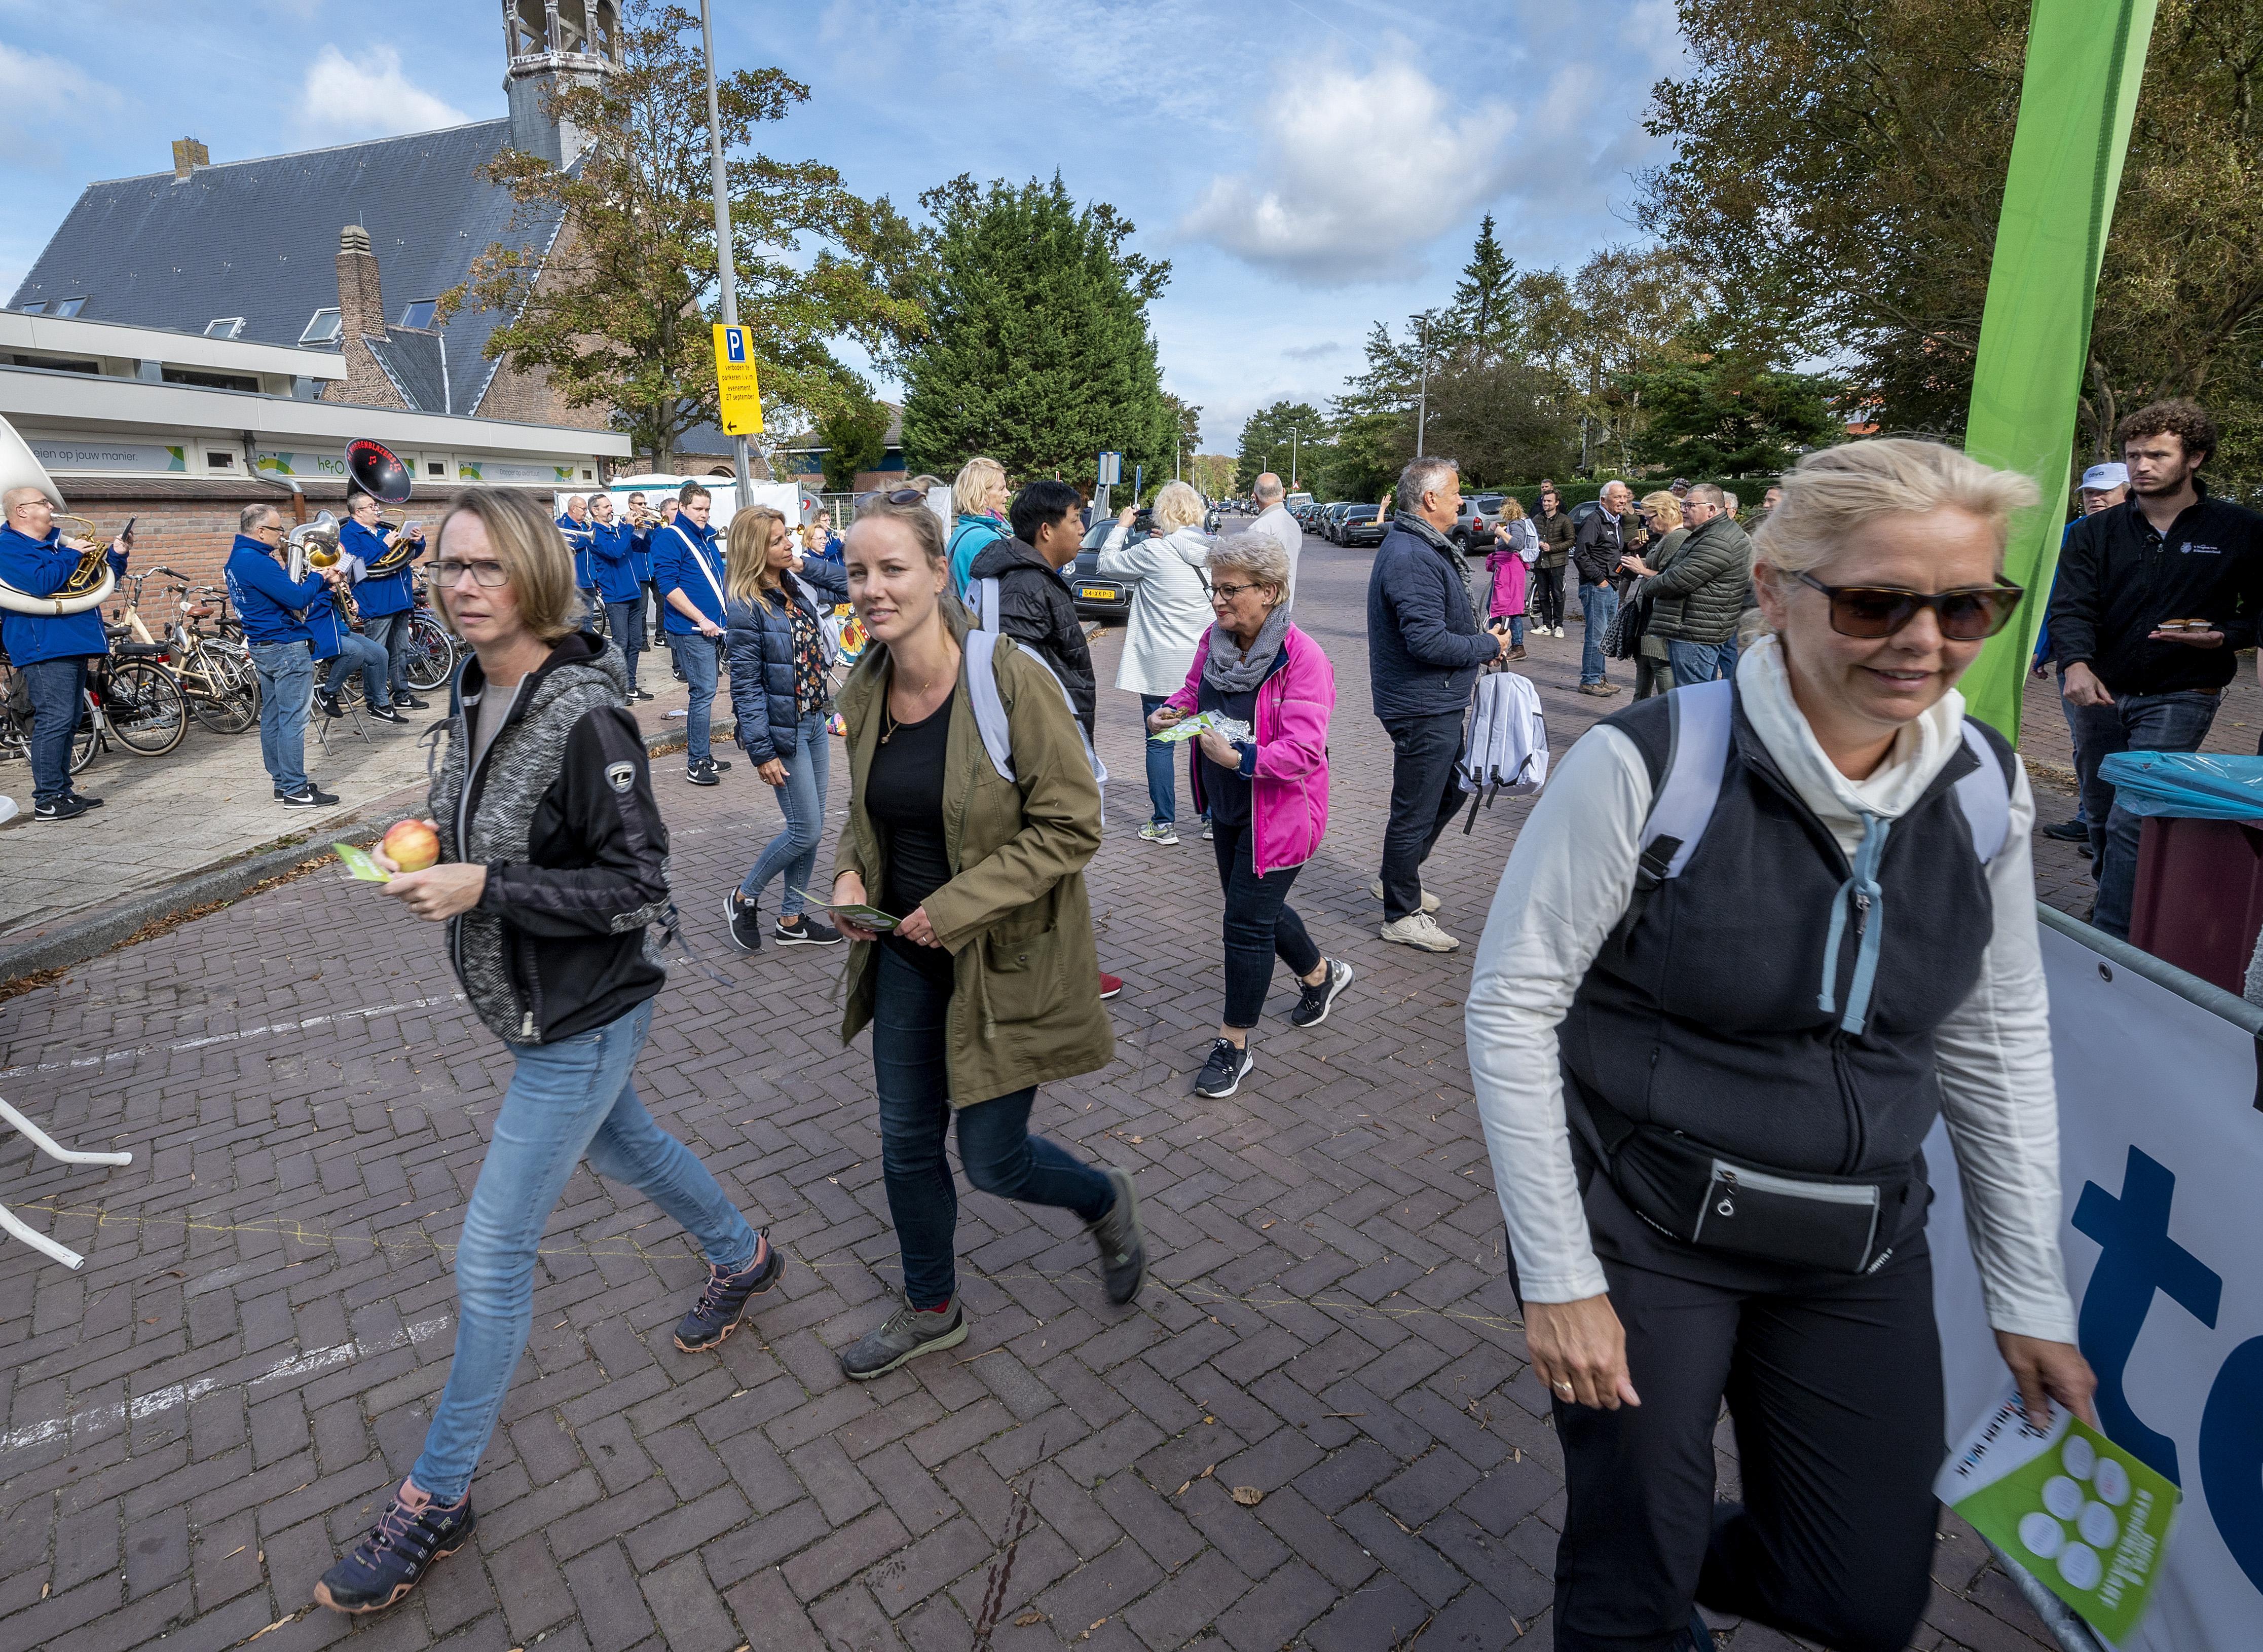 'Halve Walk' wandelen met vrolijke noten van de Muggenblazers